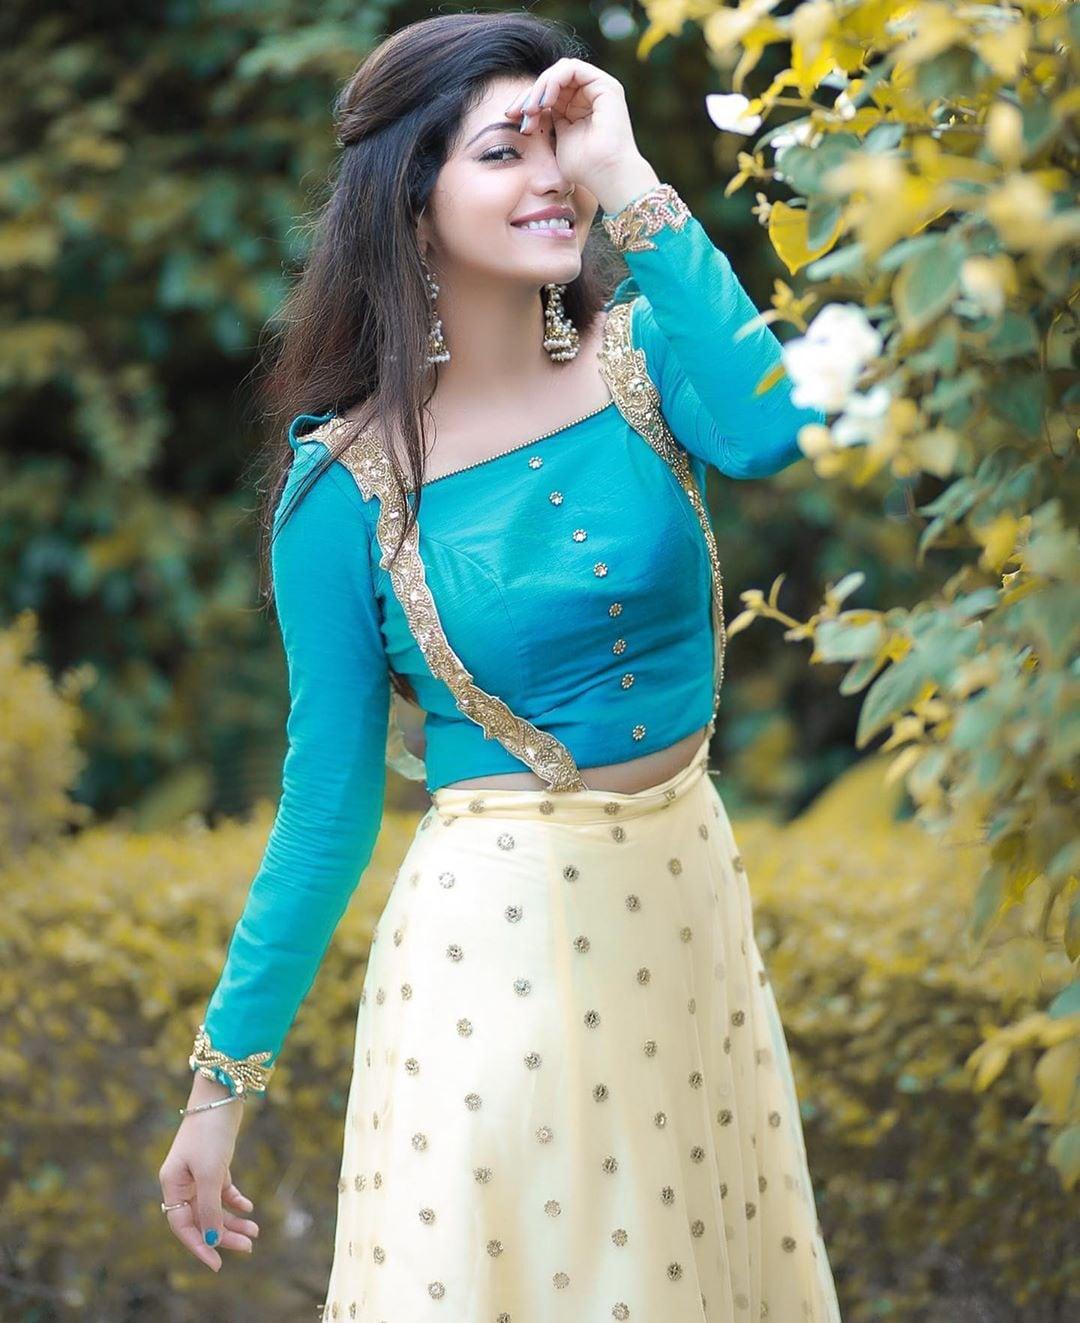 நடிகை அதுல்யா ரவி. (Image: Instagram)